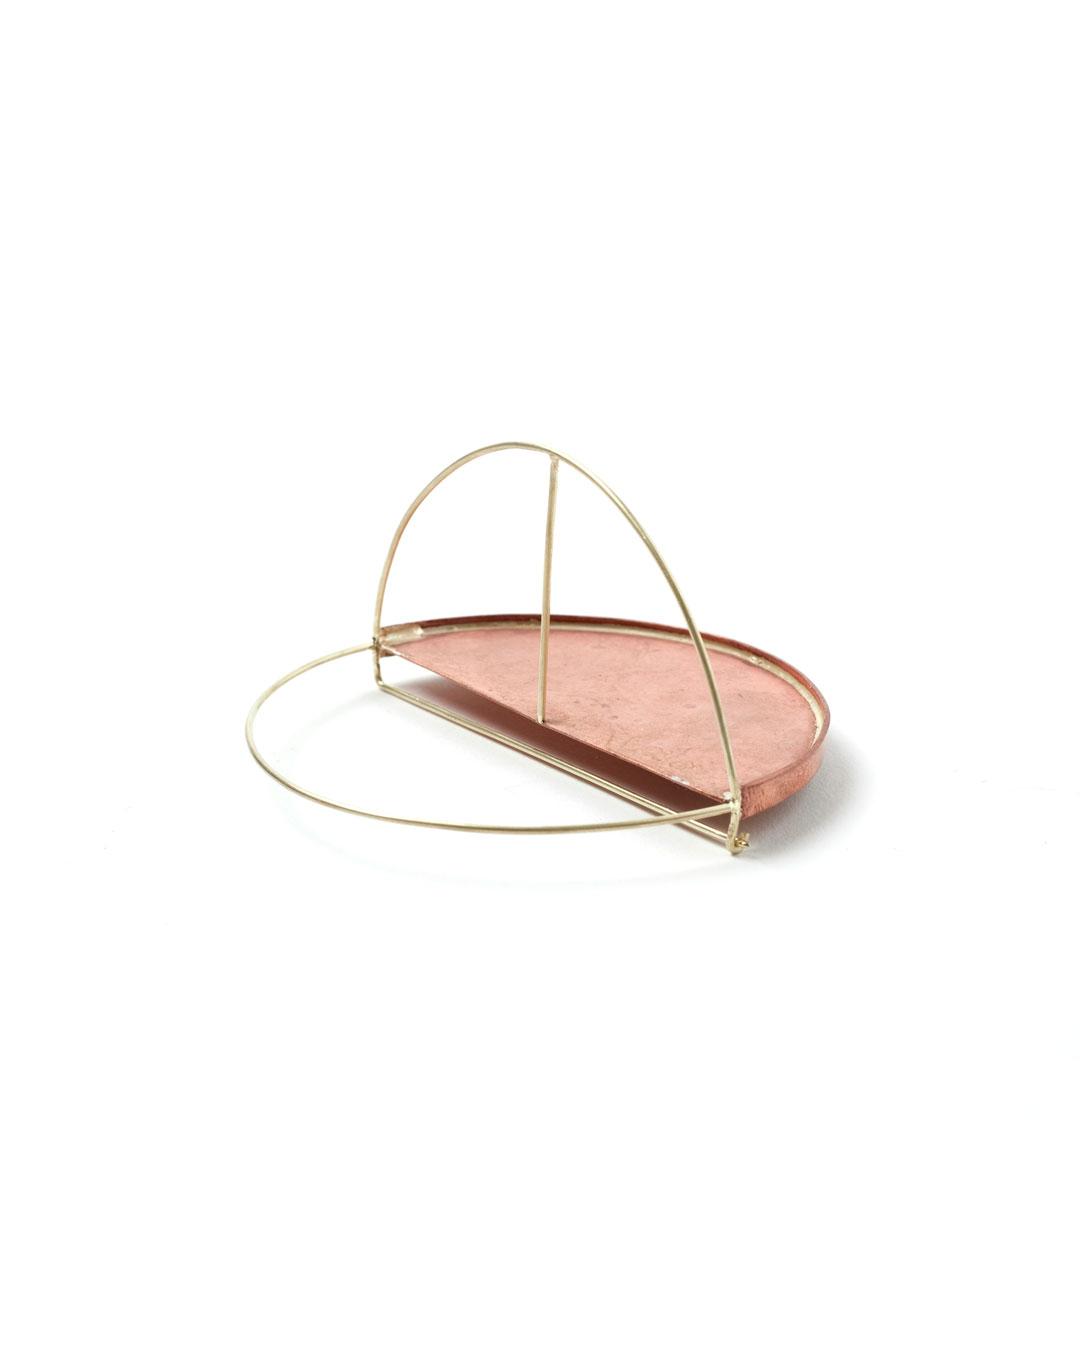 Florian Weichsberger, Sun #9, 2019, brooch; copper, 14ct gold, 71 x 71 x 40 mm, €1090